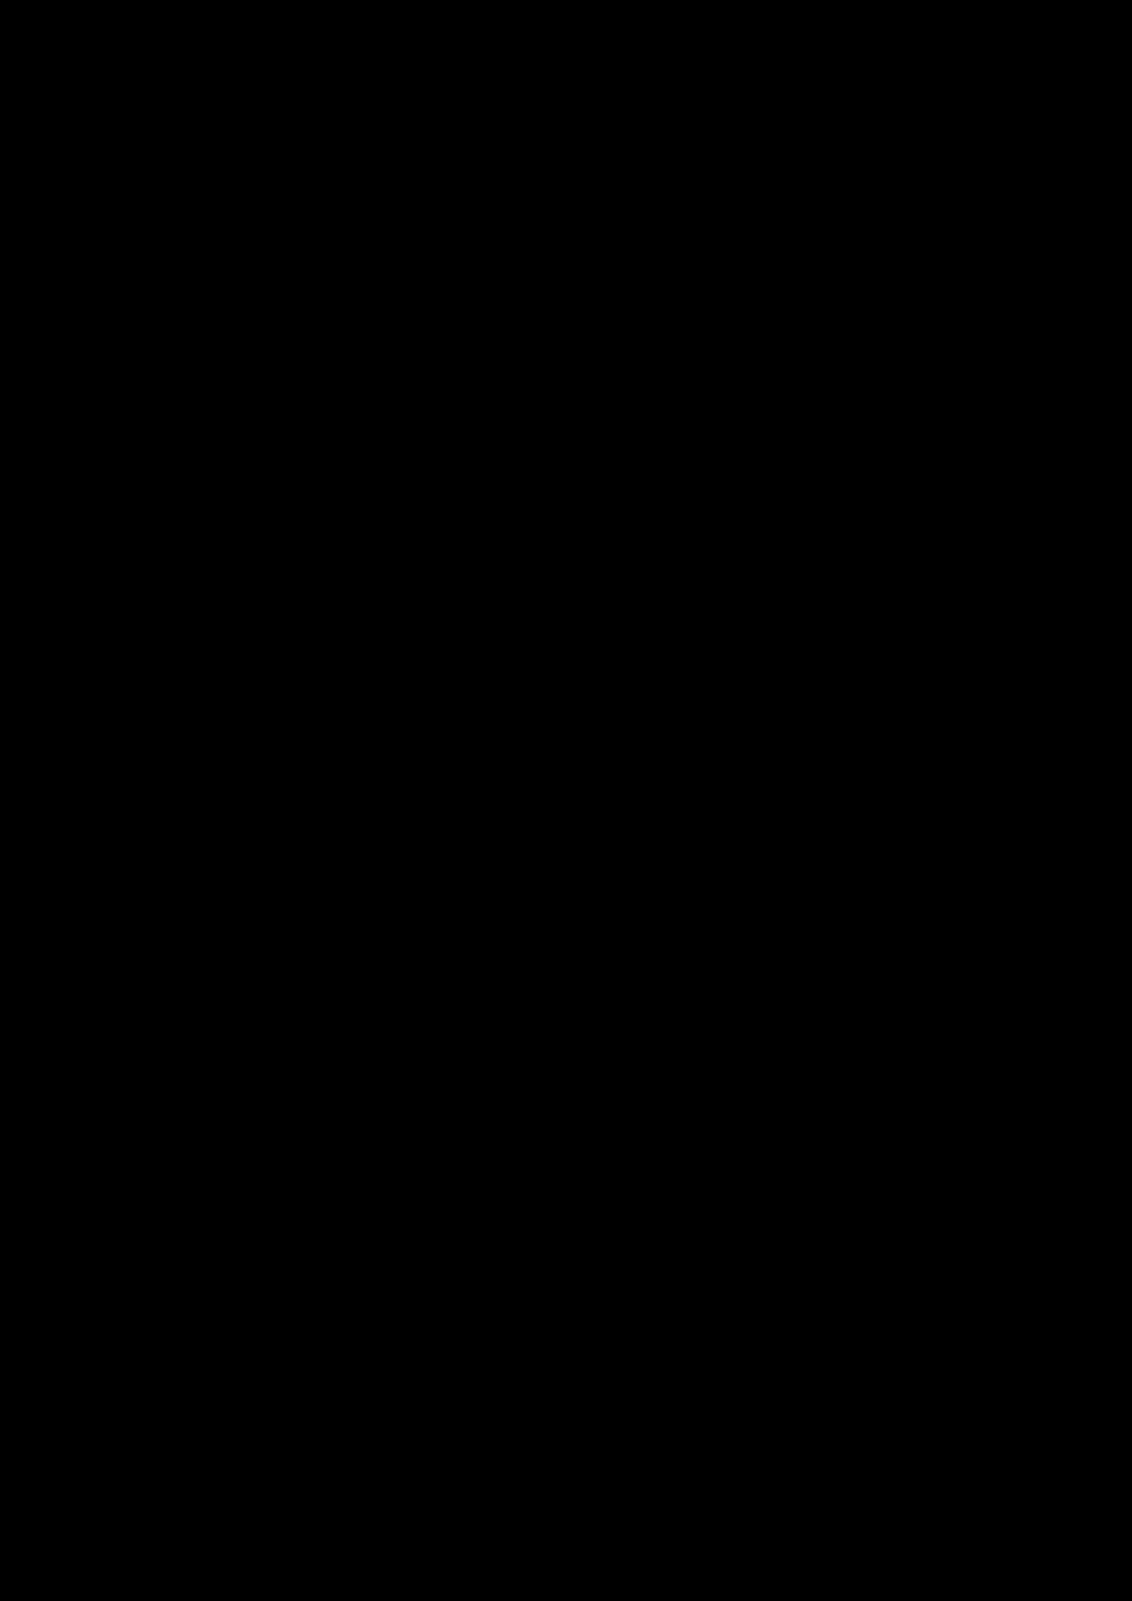 Zagadka volshebnoy stranyi slide, Image 38